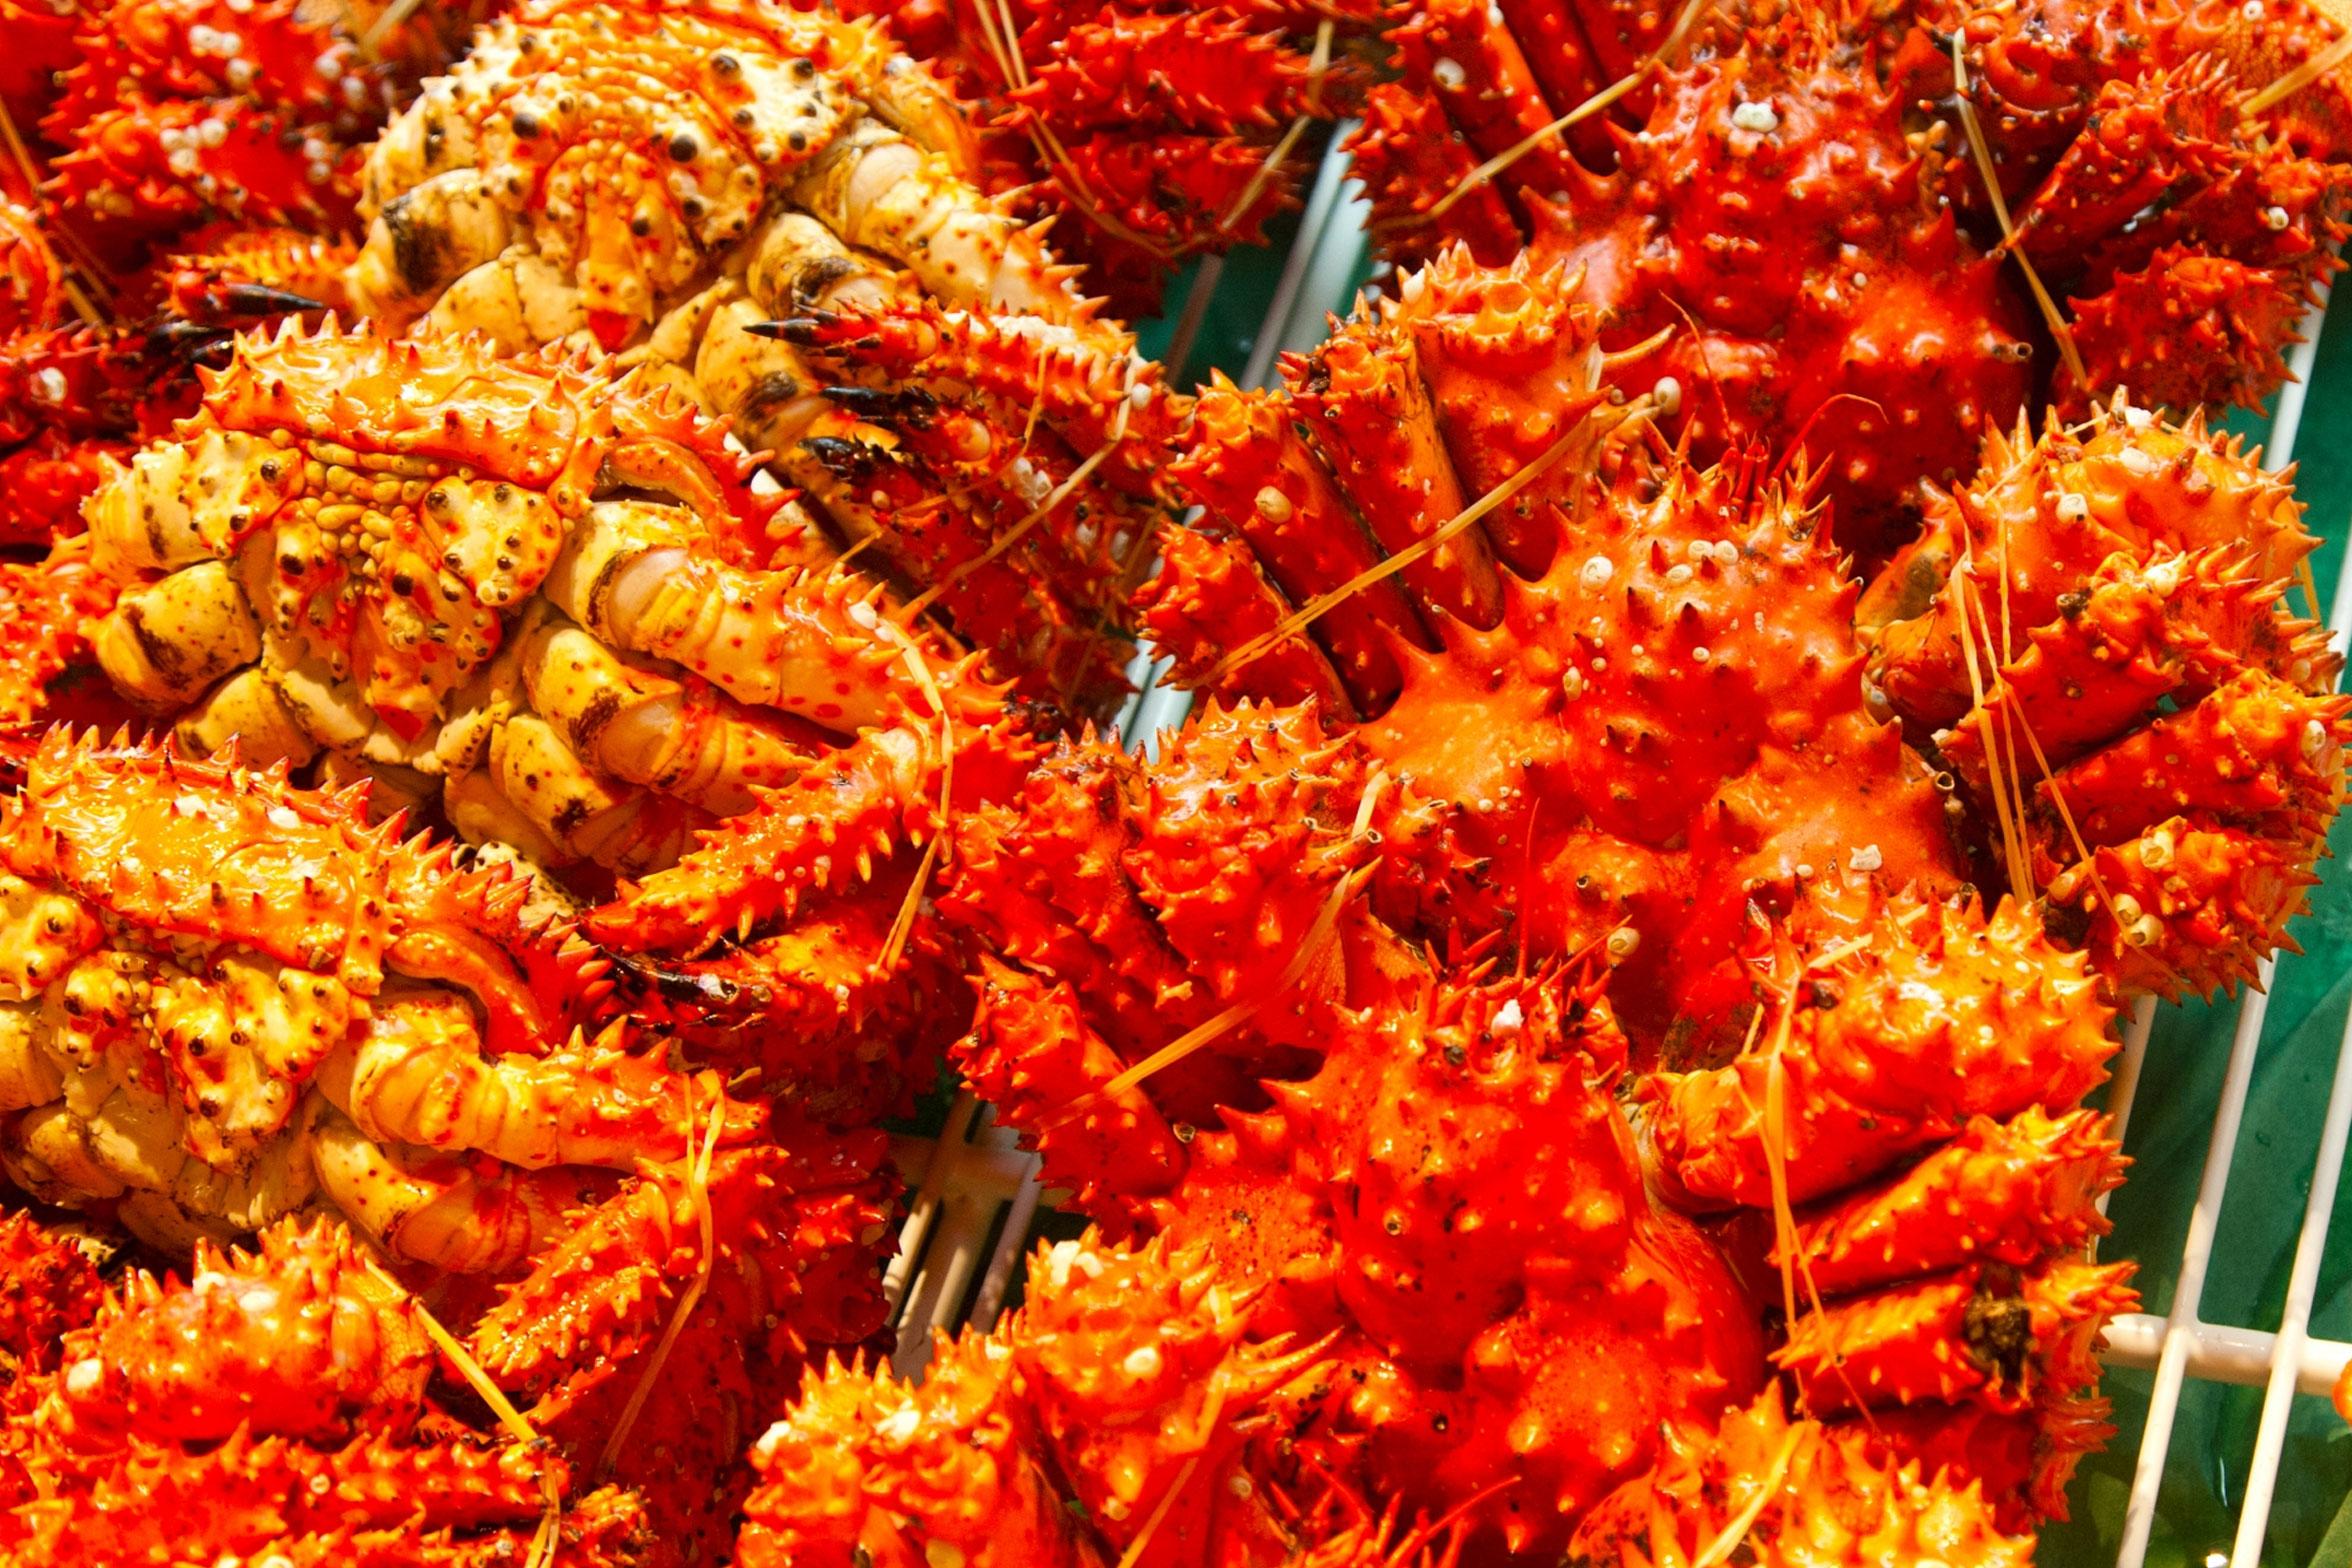 ハナサキガニの特徴とおすすめのレシピのメイン画像